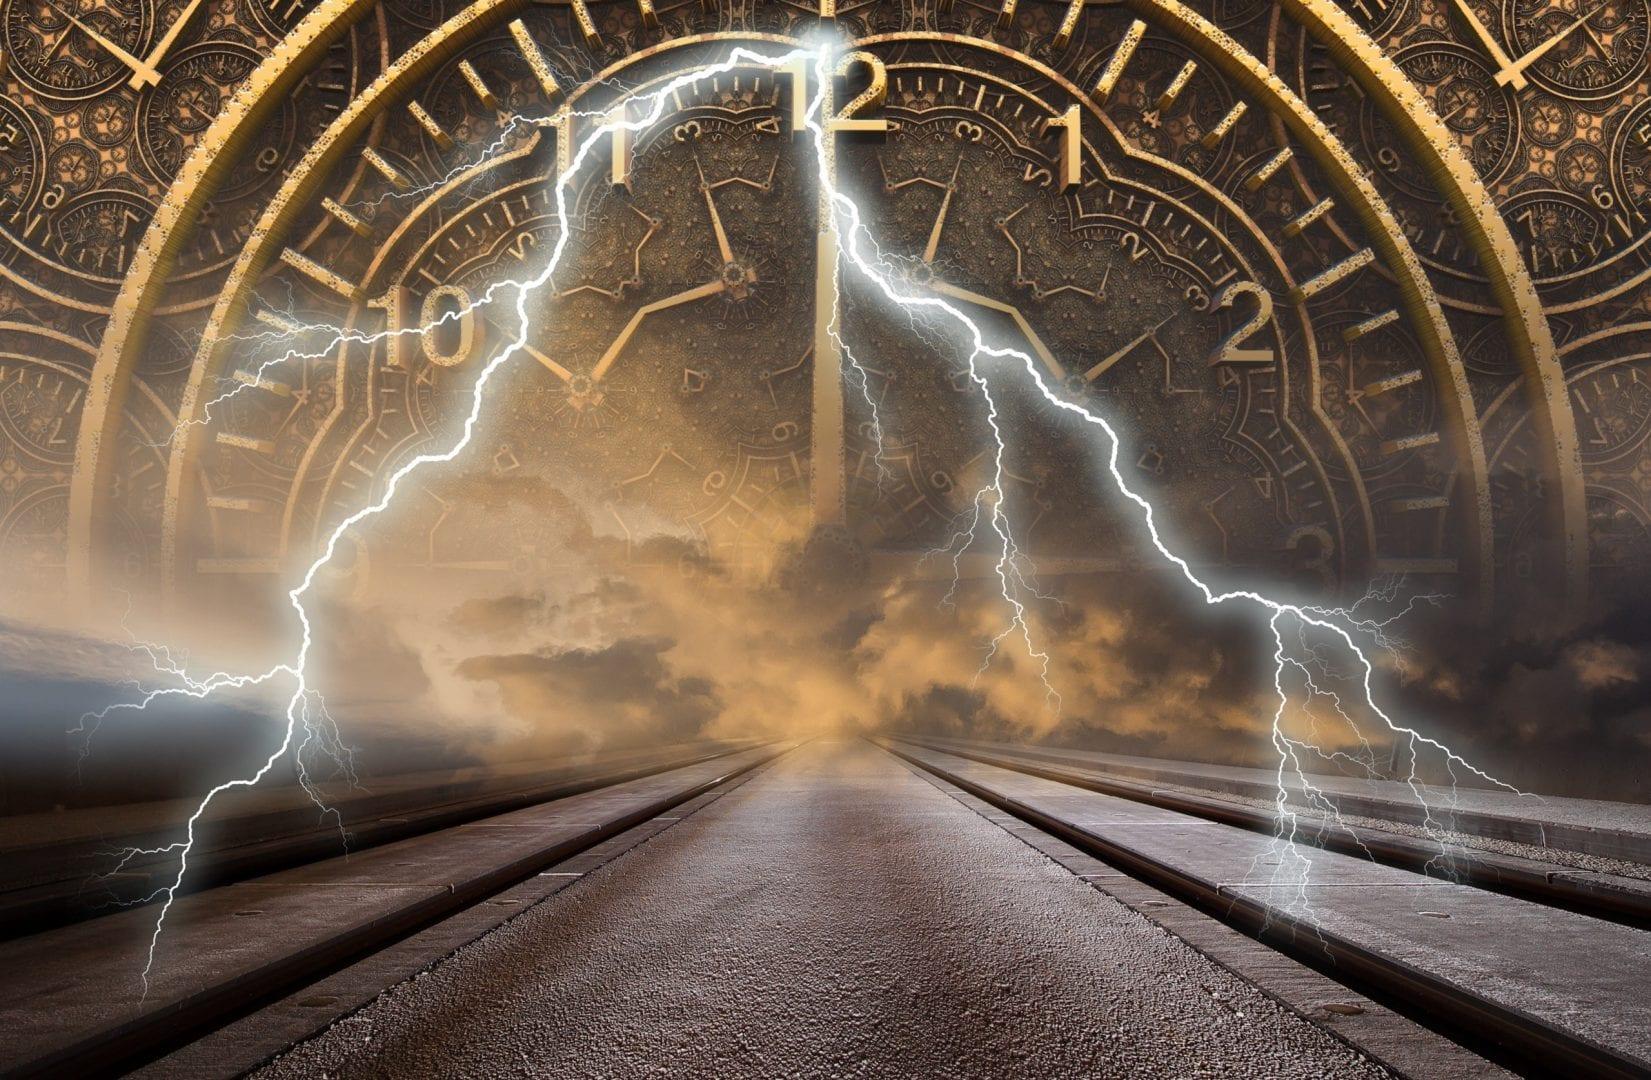 É possível realizar viagens no tempo, assim como nas ficções científicas?